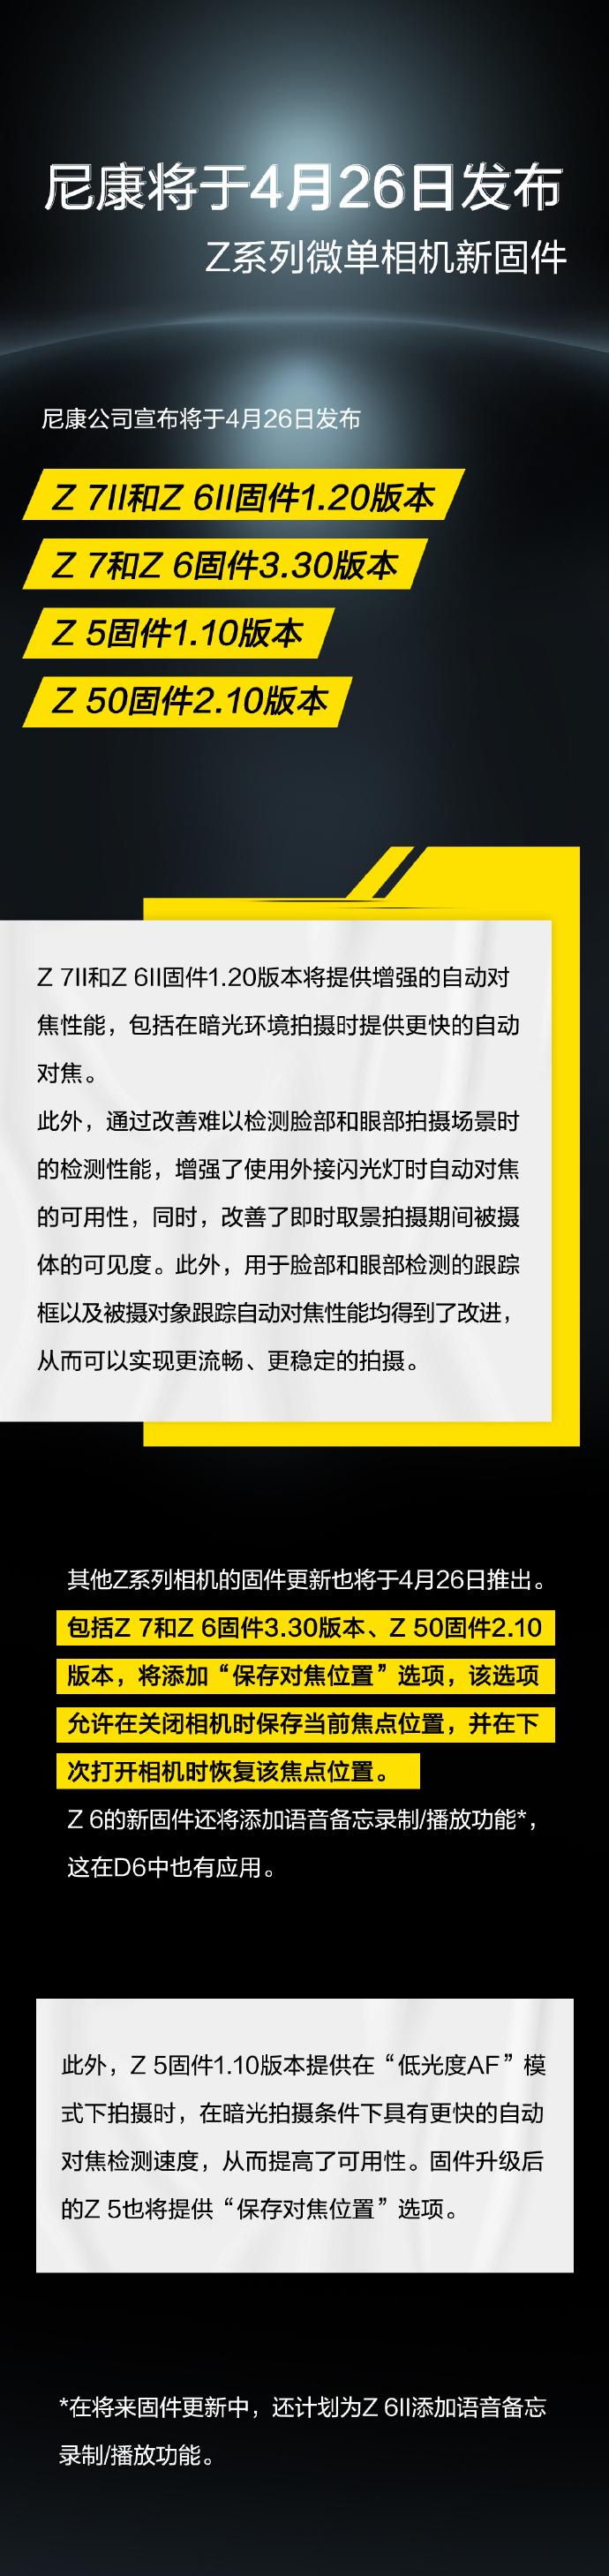 尼康公司宣布将于4月26日发布Z 7Ⅱ和Z 6Ⅱ固件1.20版本、Z 7和Z 6固件3.30版本、Z 5固件1.10版本、Z 50固件2.10版本-玩懂手机网 - 玩懂手机第一手的手机资讯网(www.wdshouji.com)